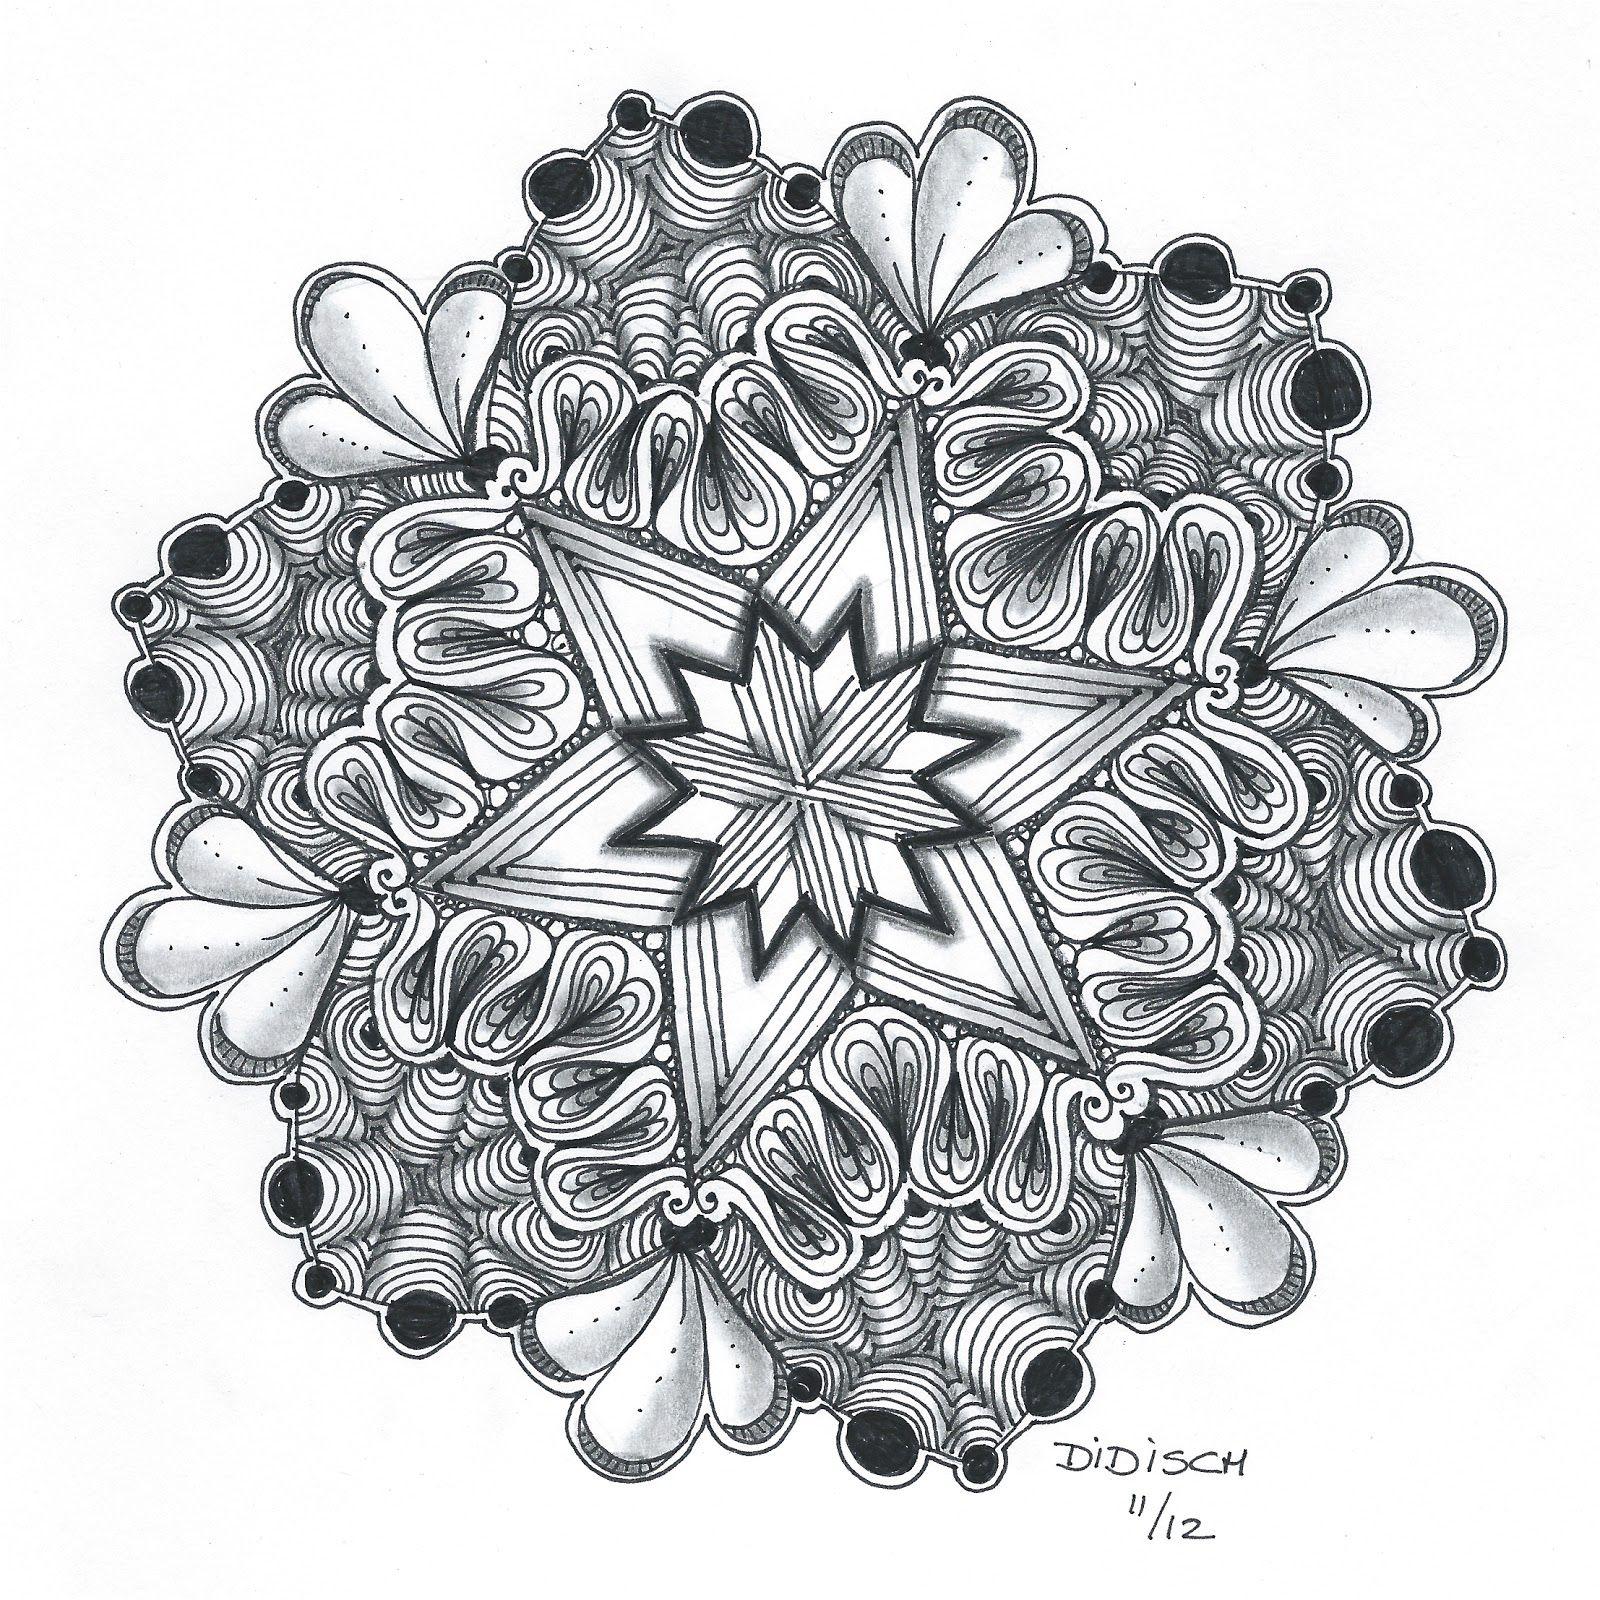 Didisch Website Zendala Dare 31 Zentangle Patronen Mandala Kleurplaten Zentangles